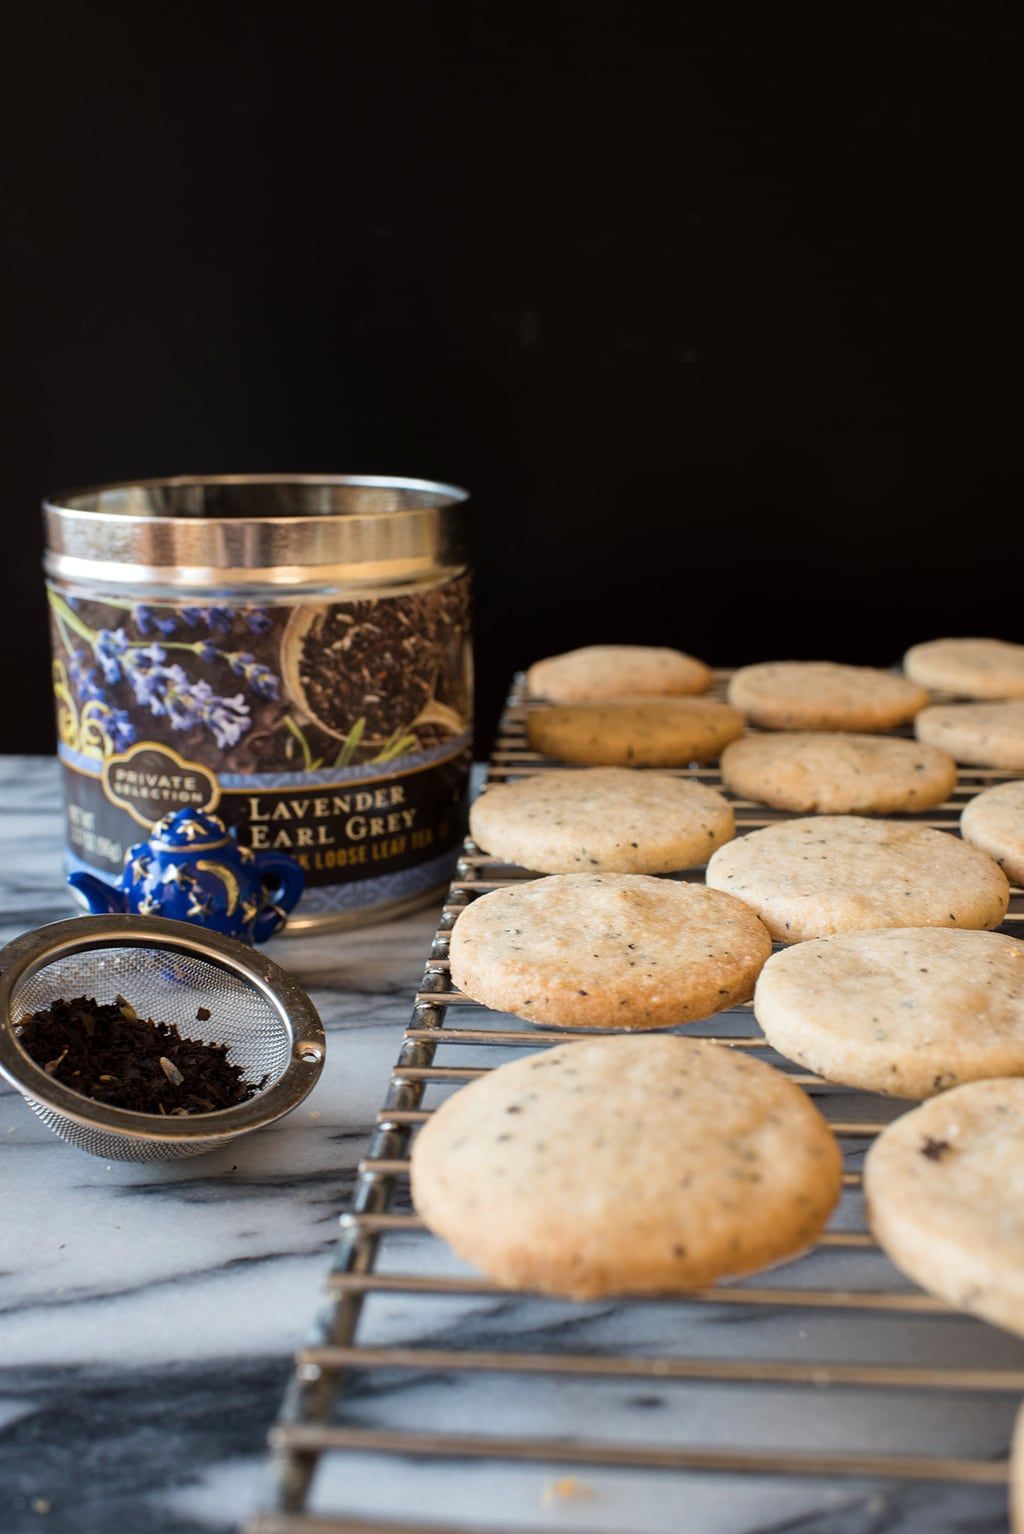 Earl Grey Shortbread Cookies Recipe